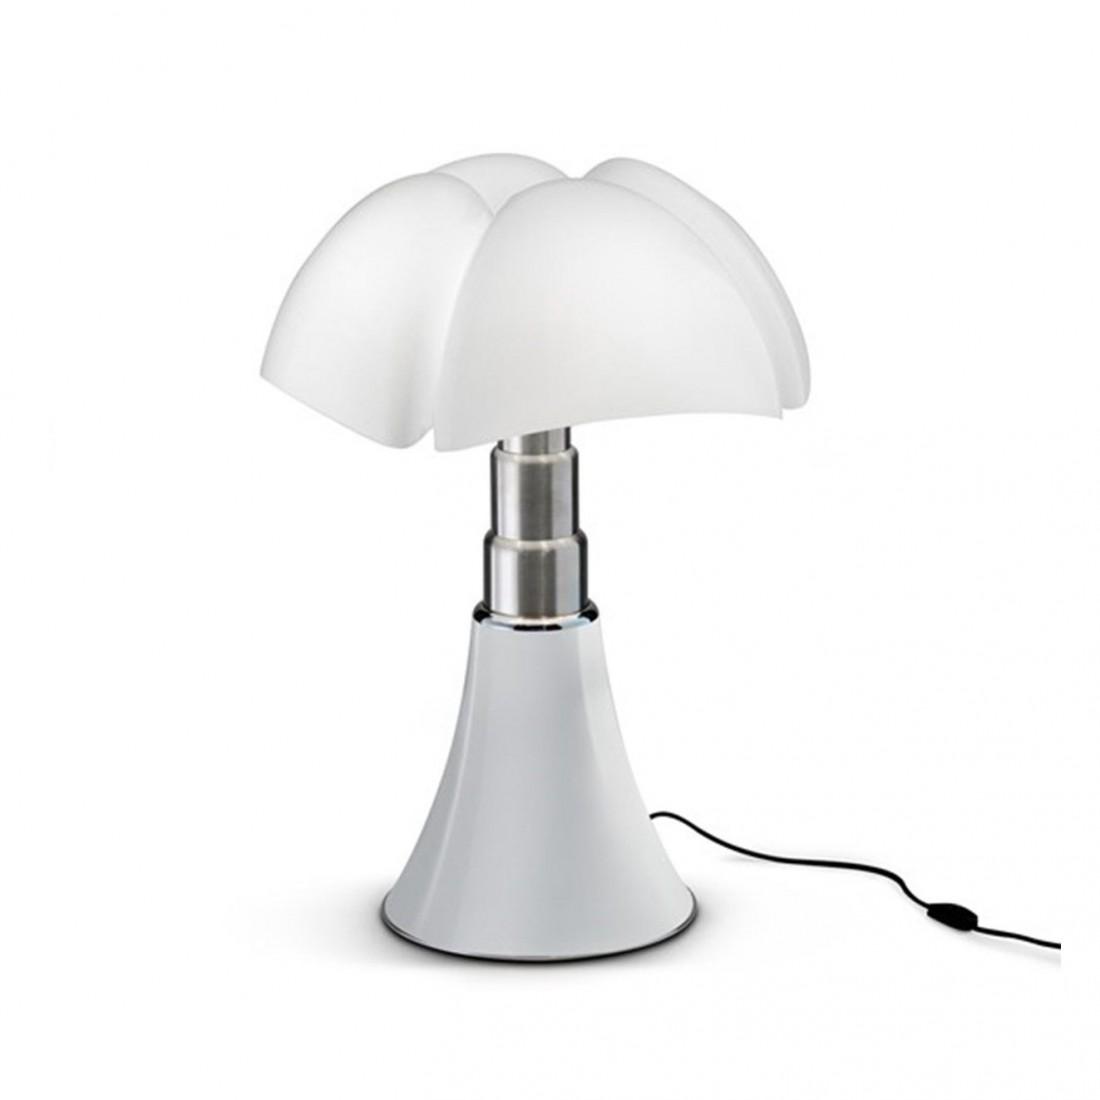 Lampe Mini Pipistrello Blanche 9W LED